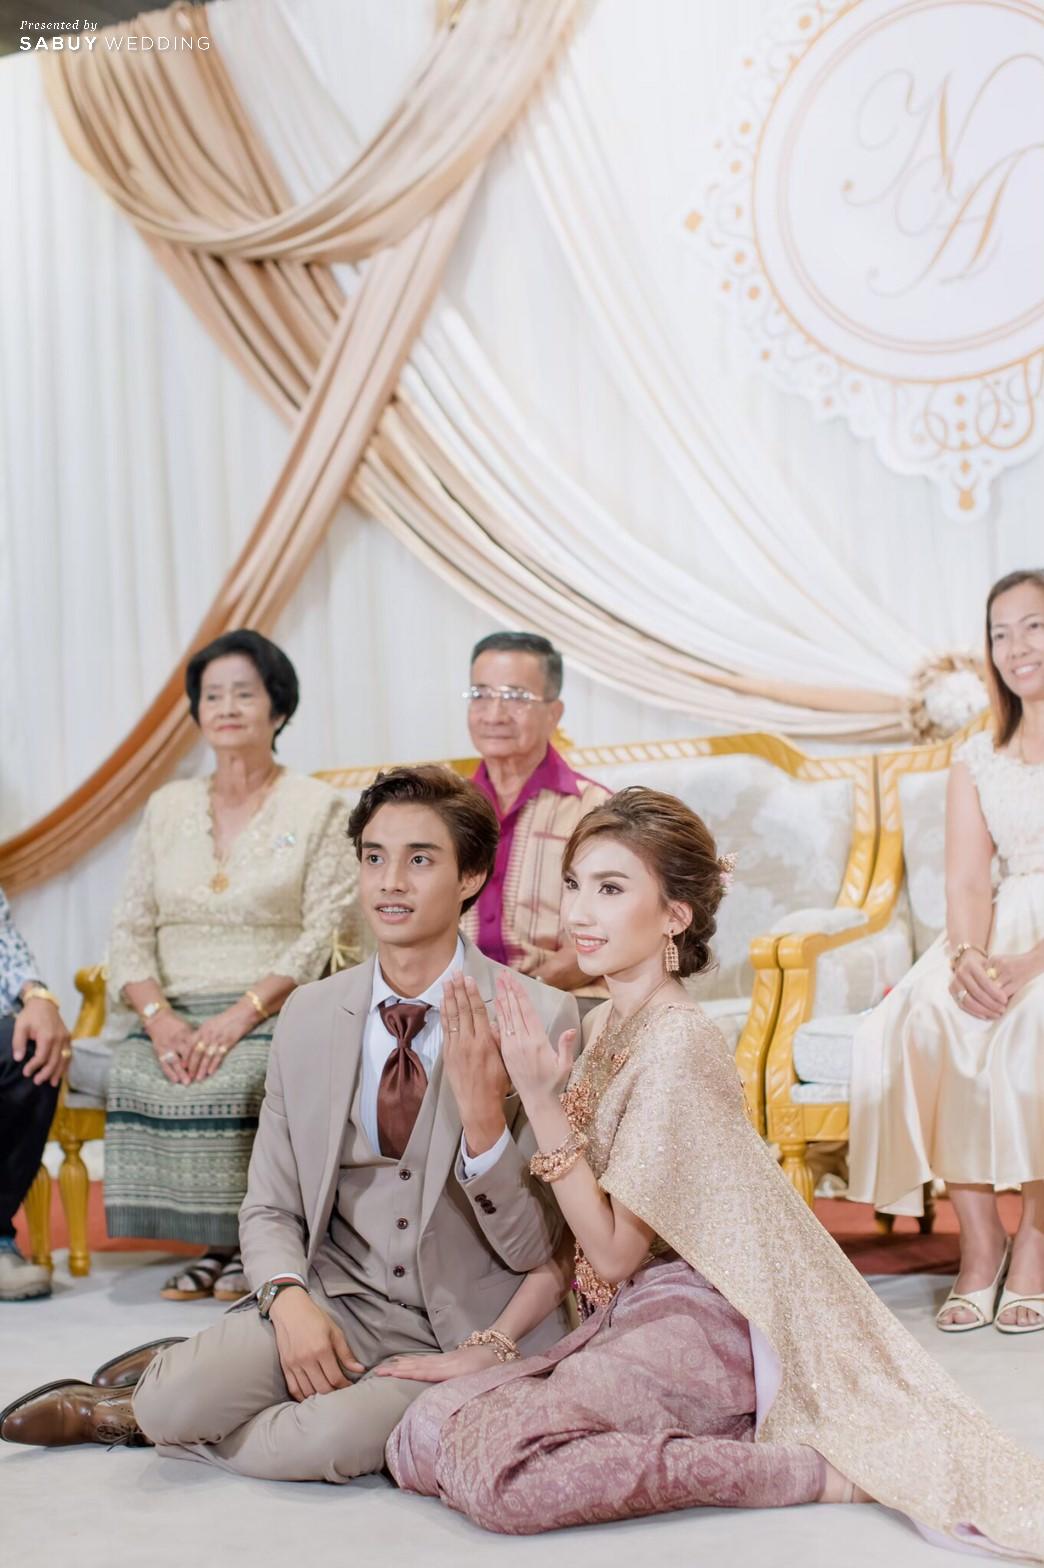 รีวิวงานแต่งสุดชิค ในสถานที่เซอร์วิสครบวงจร @Impact Muang Thong Thani